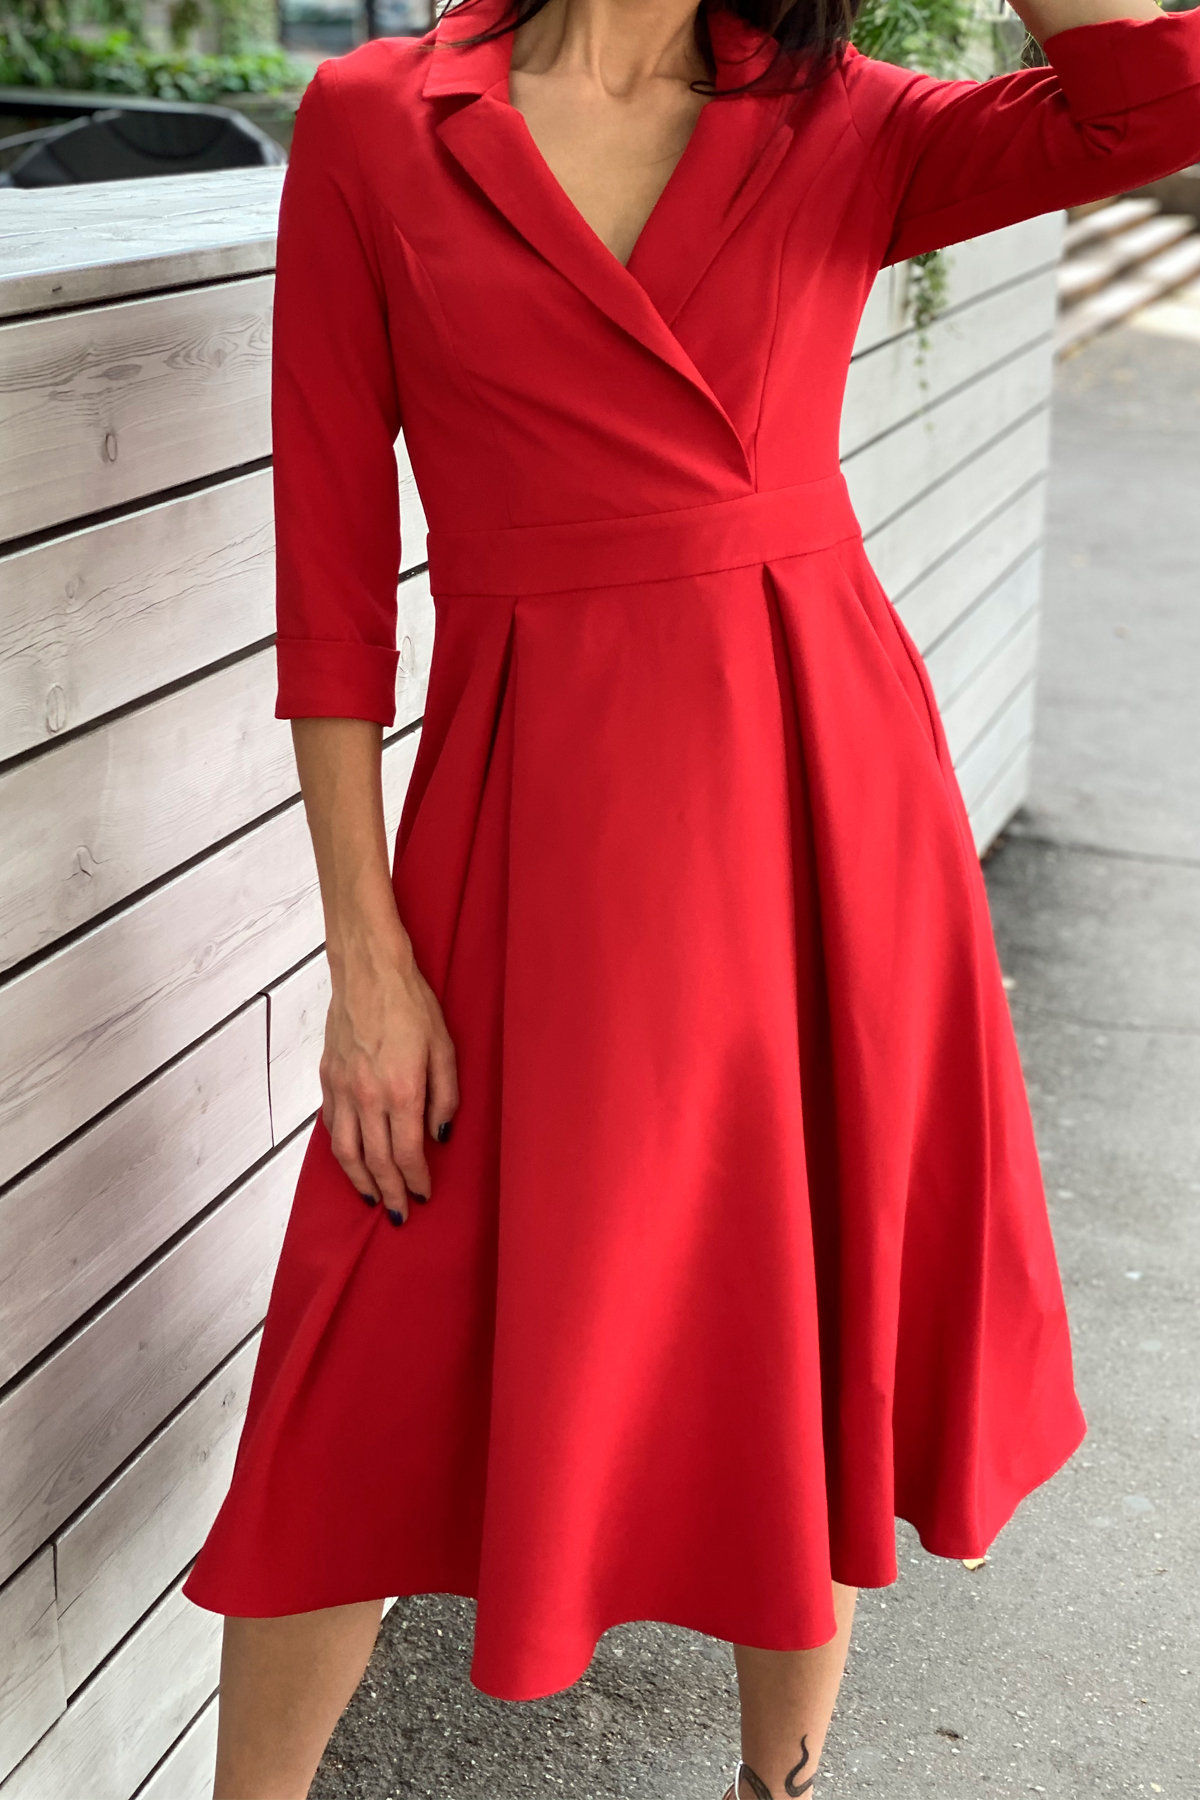 Платье в офис Артего 7832 АРТ. 43767 Цвет: Красный 4 - фото 4, интернет магазин tm-modus.ru